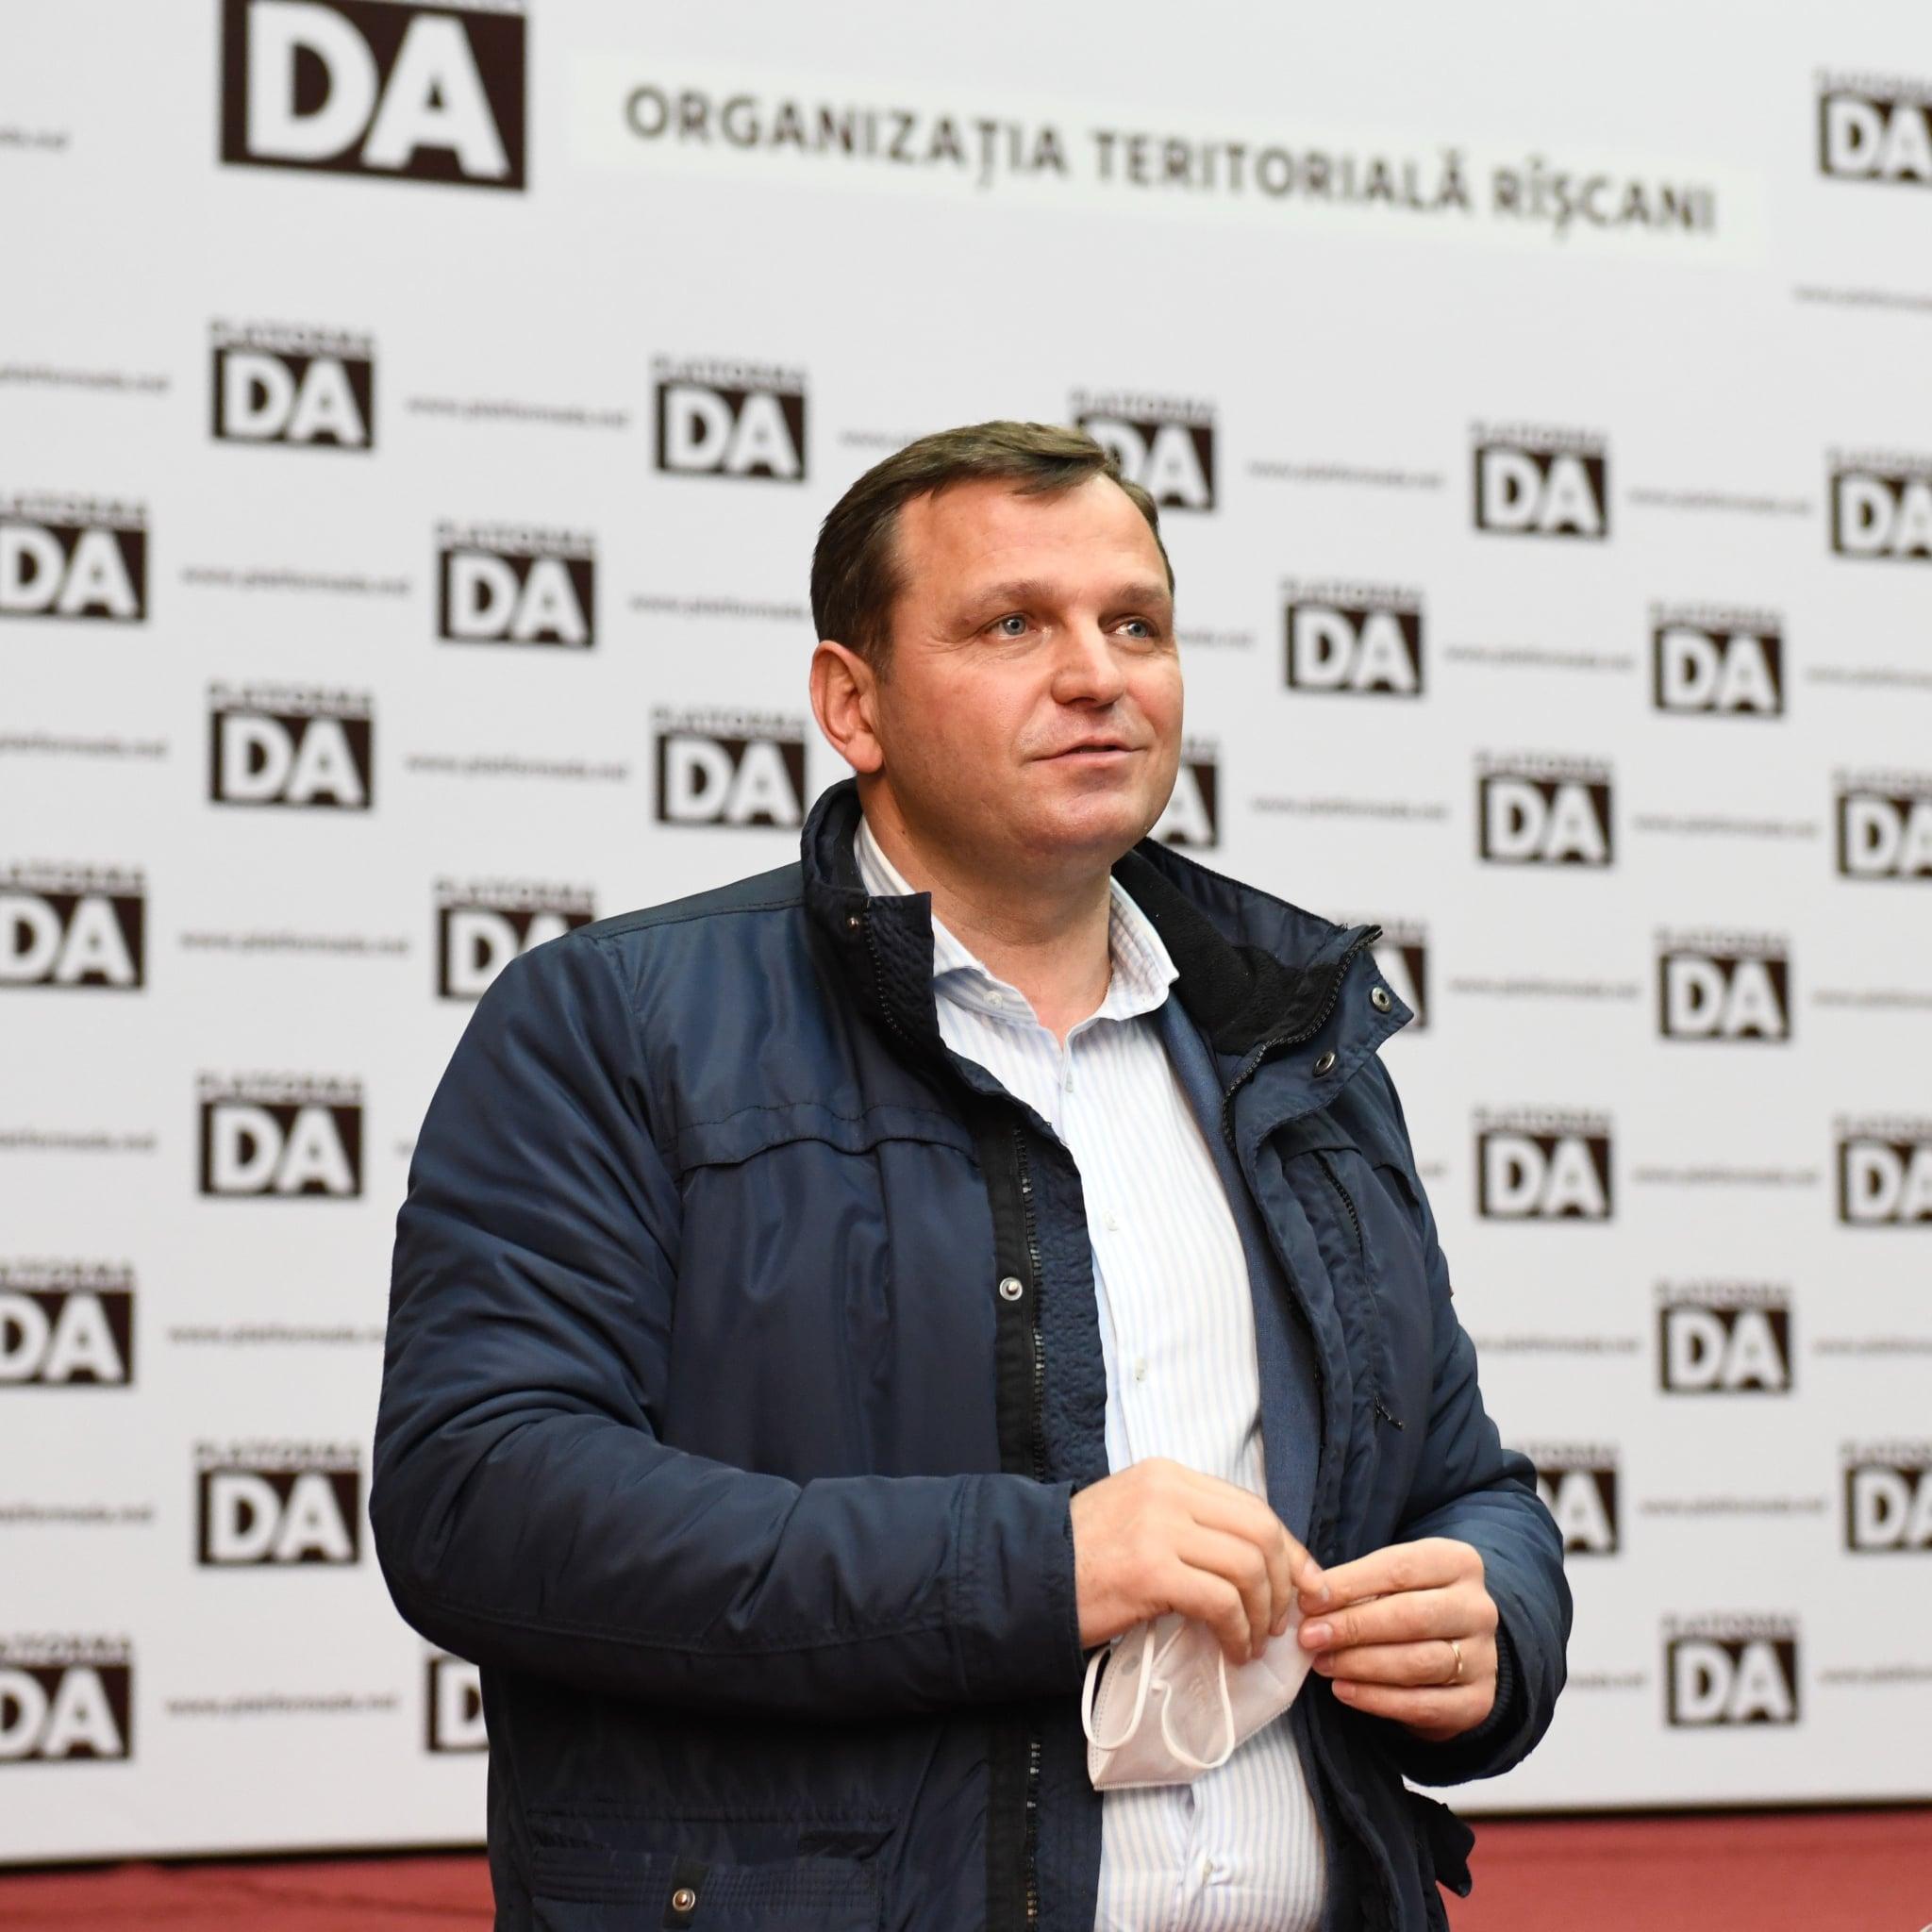 Năstase: În dorința anticipatelor, preocuparea Platformei DA este de a nu susține propunerea majorității parlamentare formate la funcția de Premier